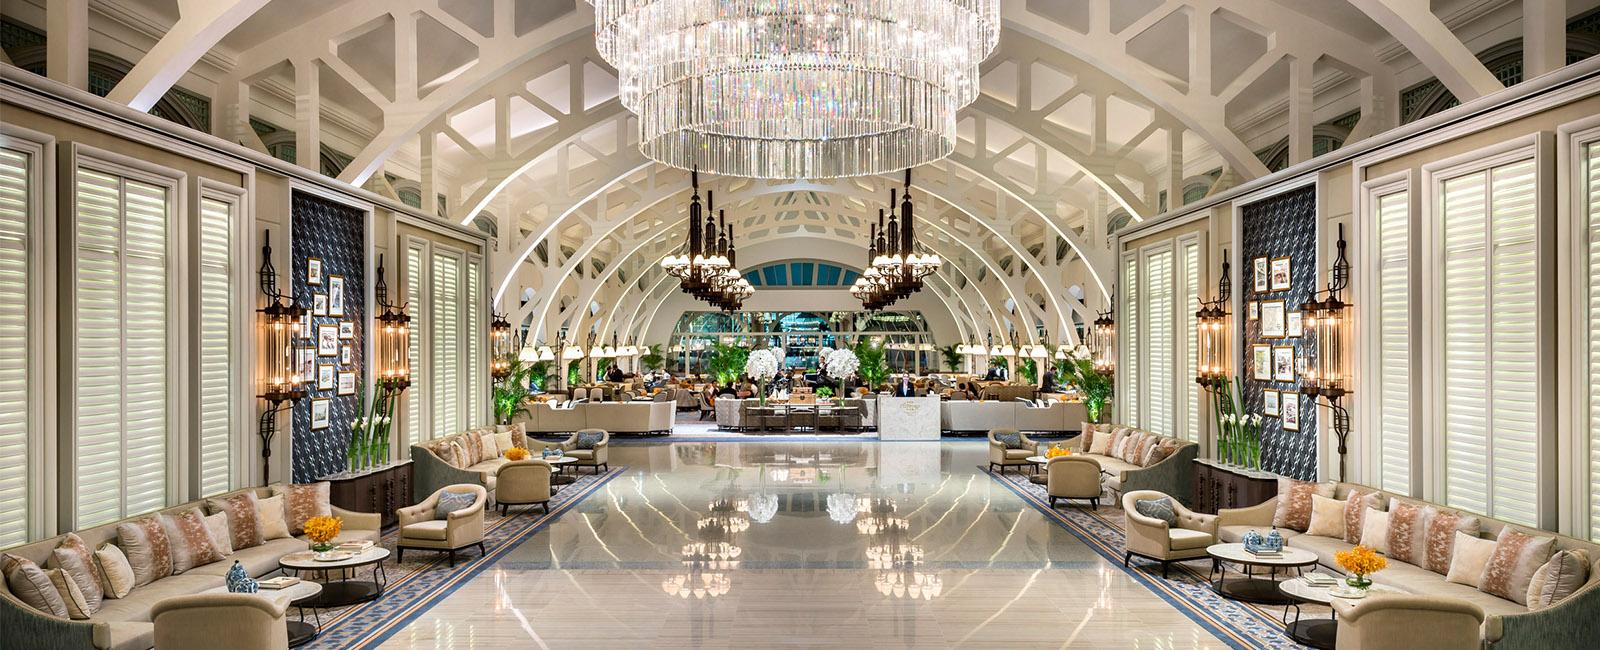 thiết-kế-khách-sạn-đẹp 4